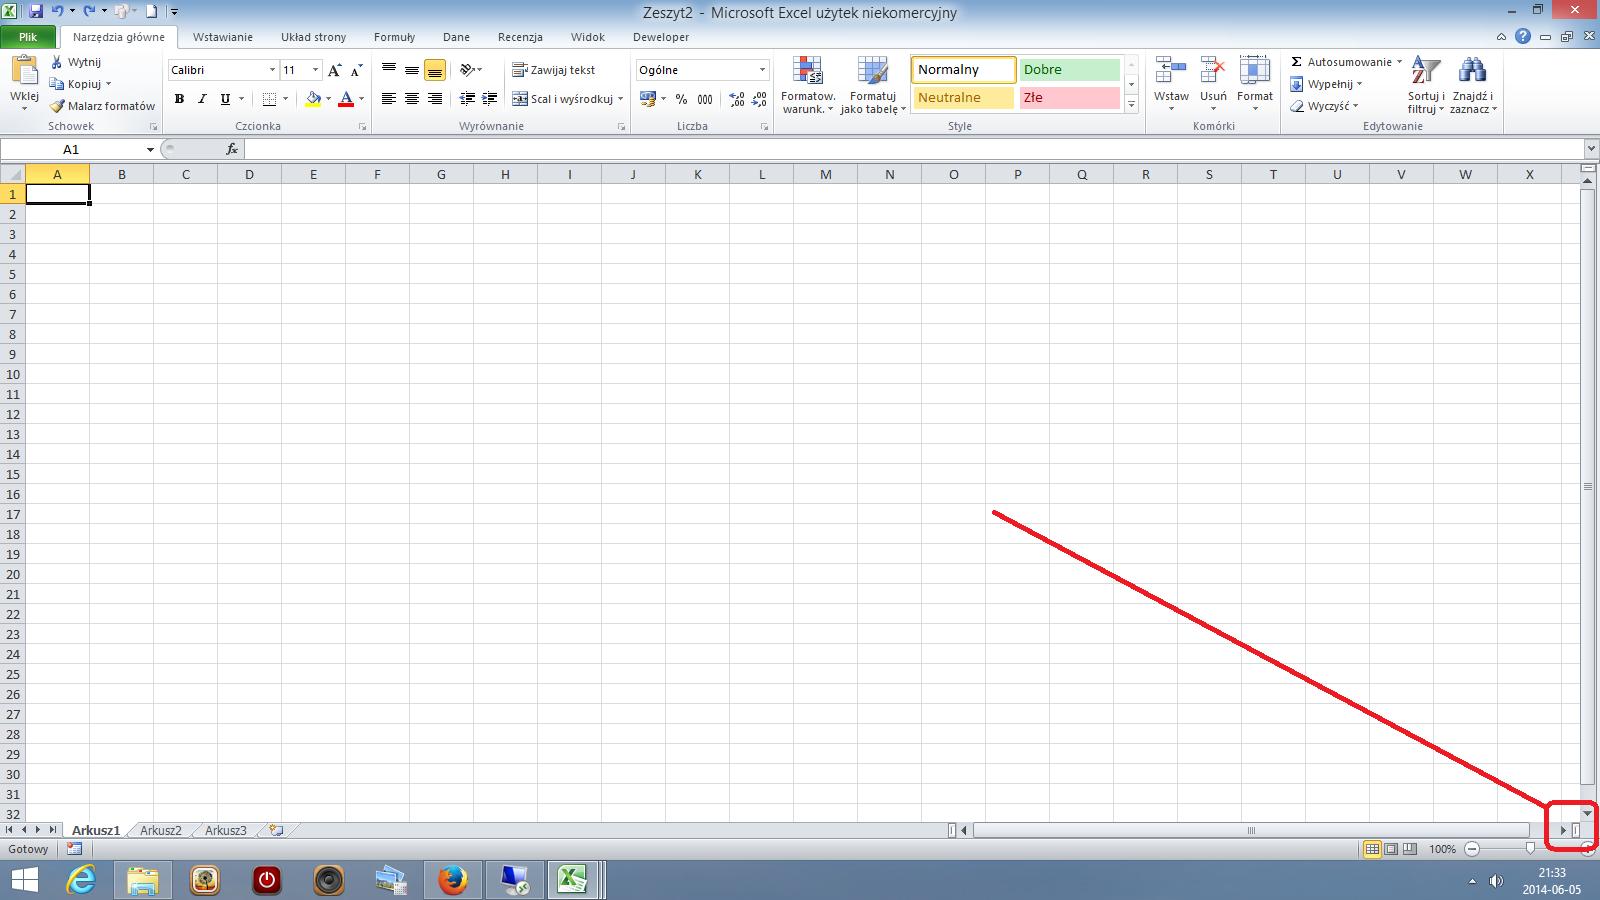 Ms Excel Jak Zablokować Pierwsze Kolumny W Arkuszu Quorum